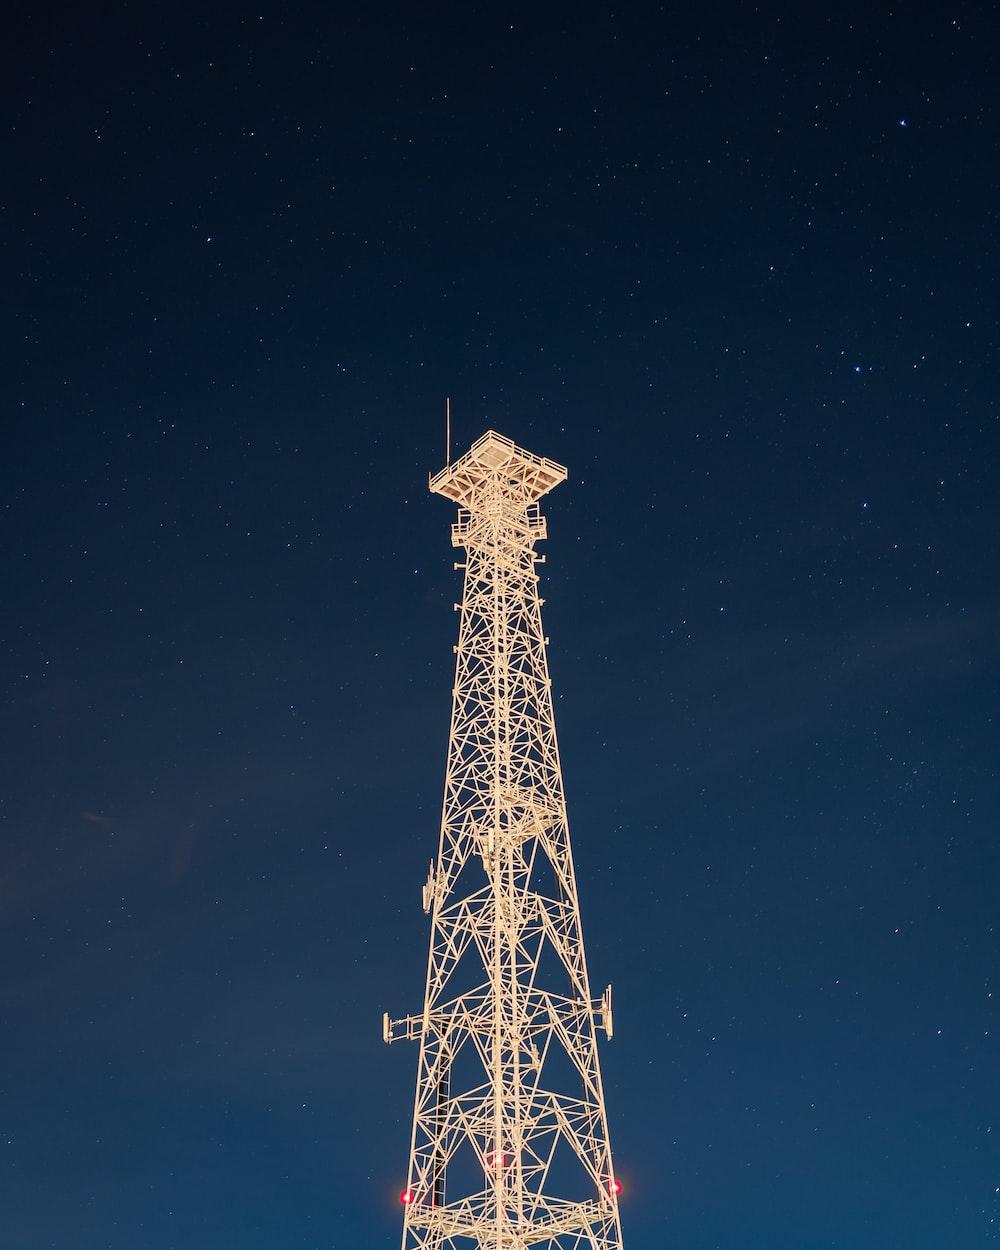 eiffel tower under starry night